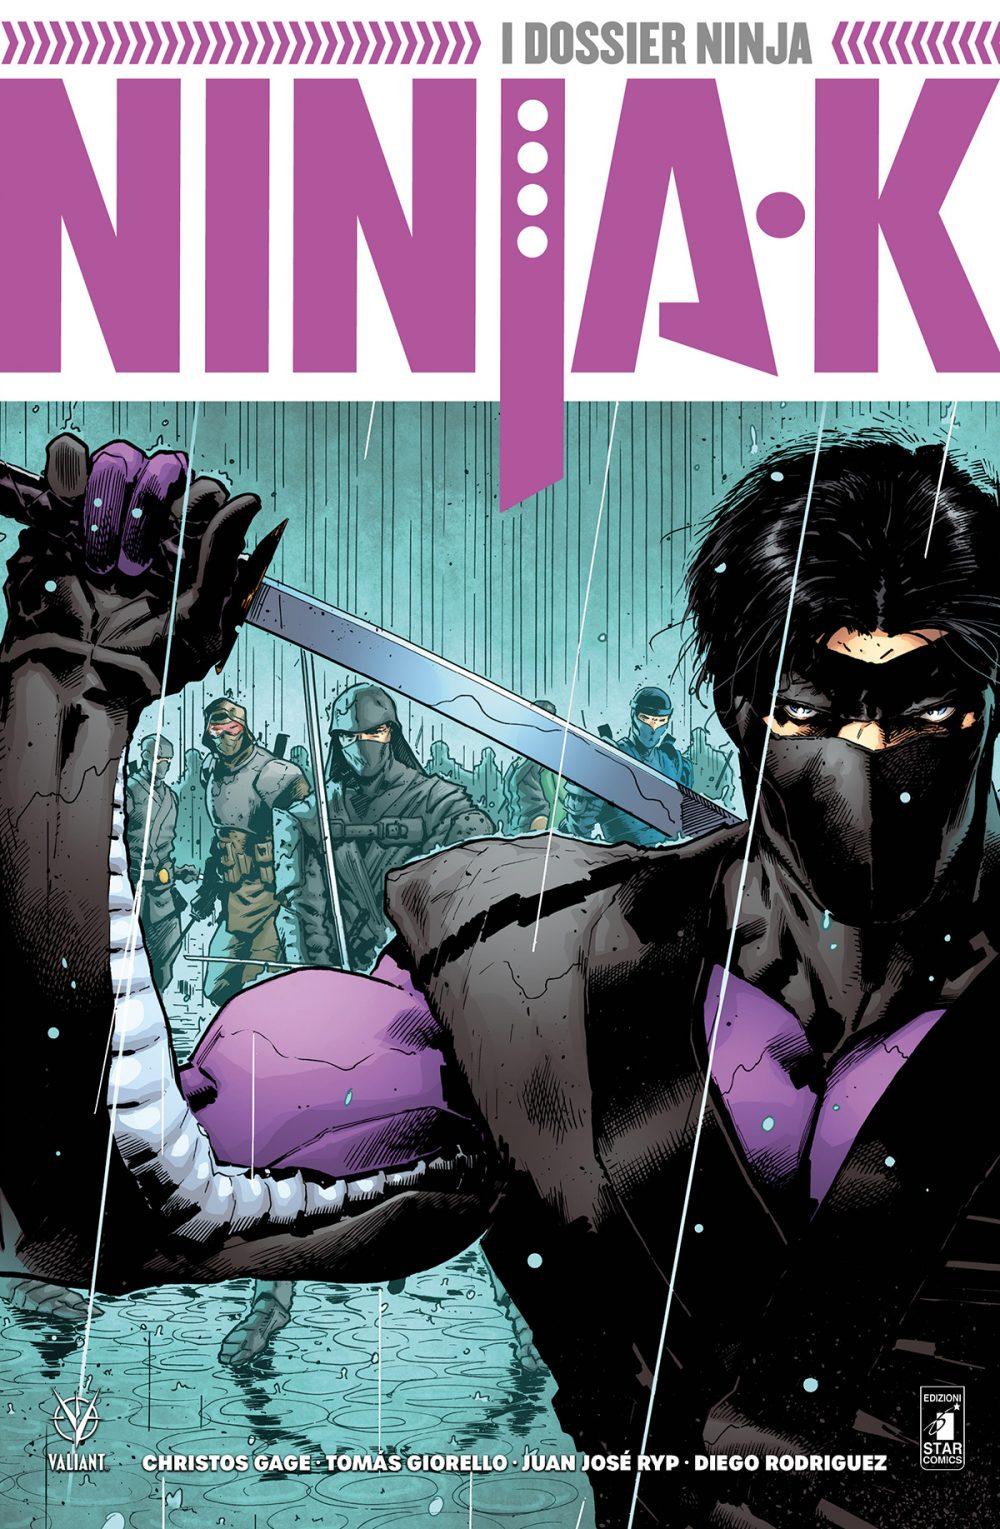 Ninja-K vol. 1: I dossier ninja, copertina di Trevor Hairsine